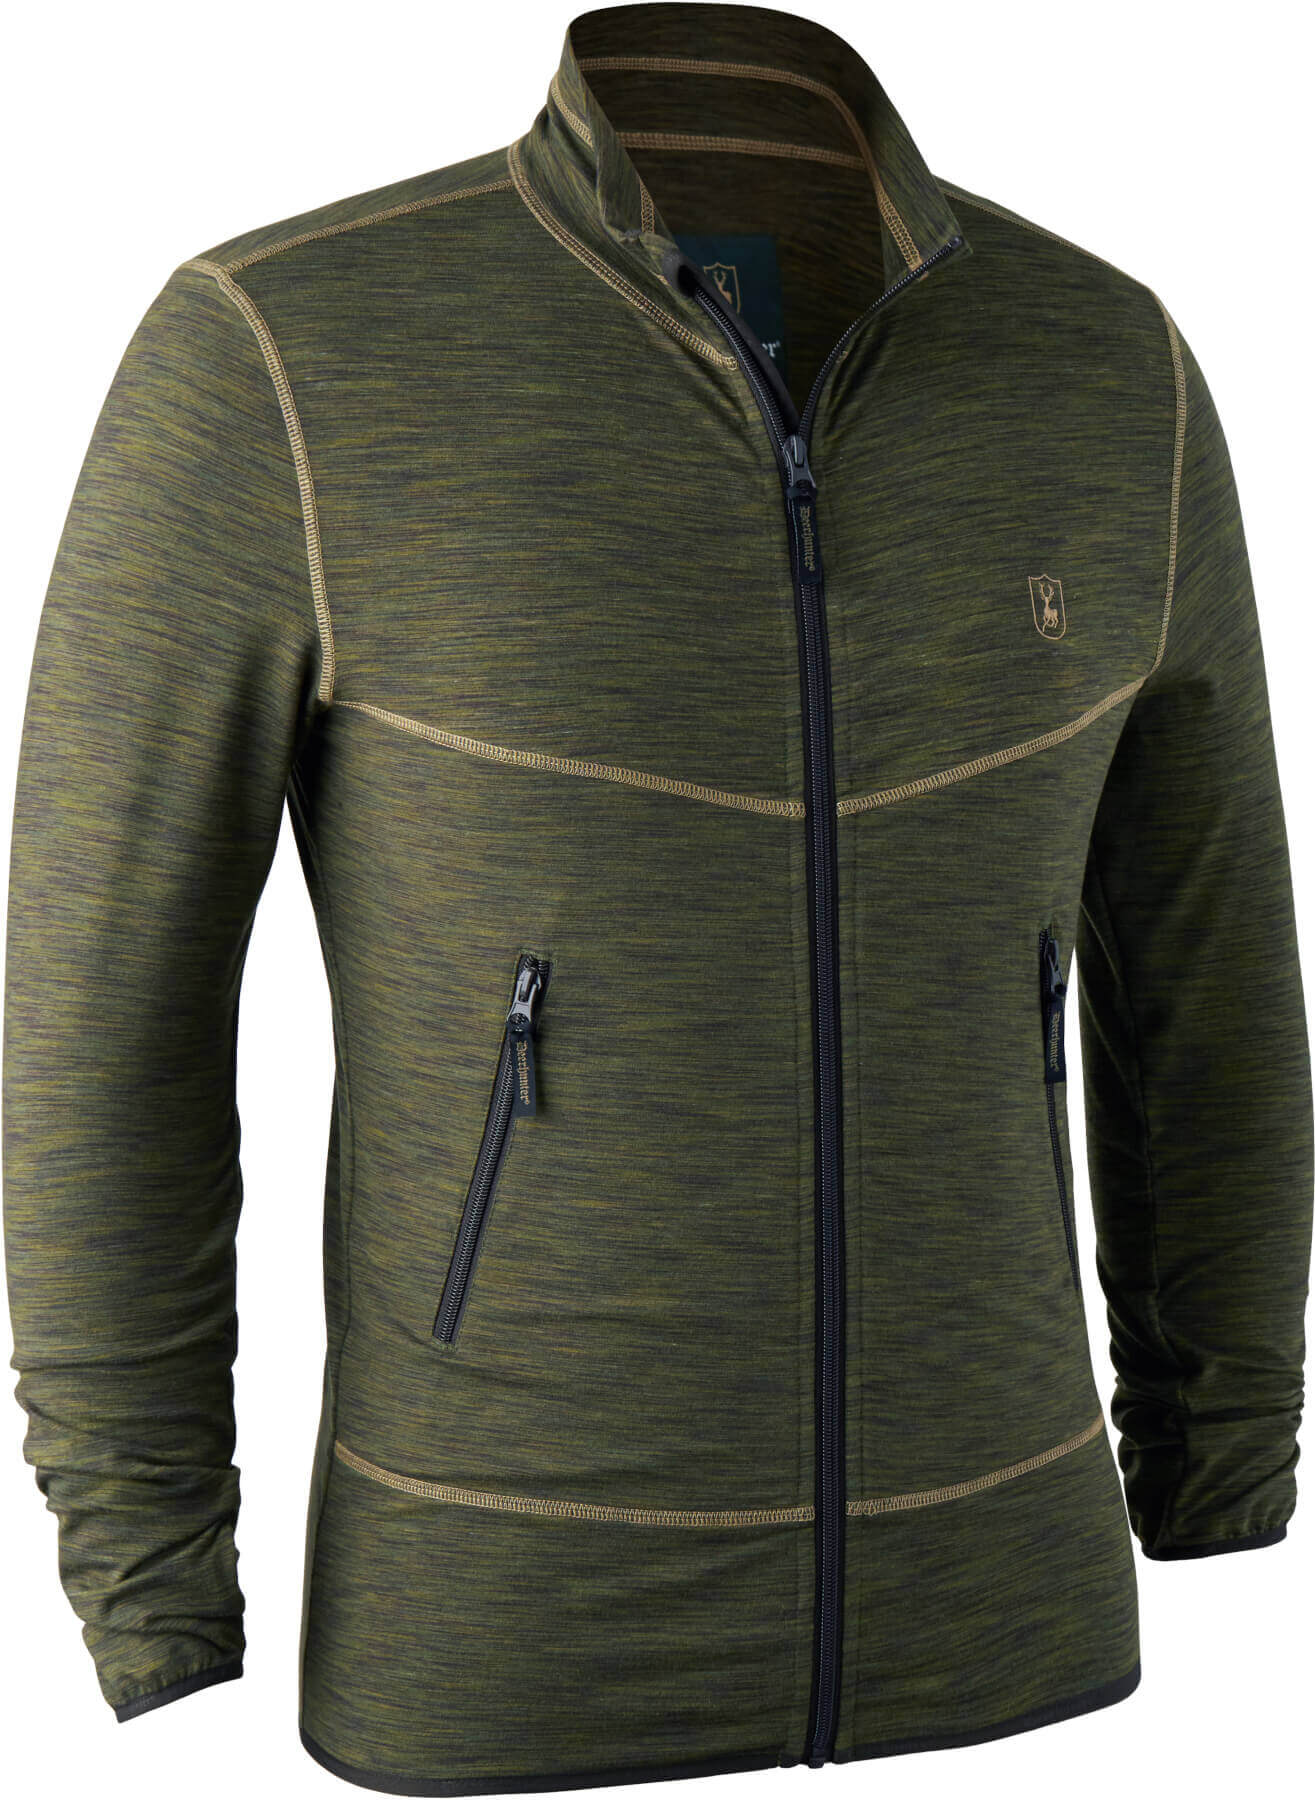 elastische dünne Fleecejacke mit Taschen und Daumengriff von Deerhunter